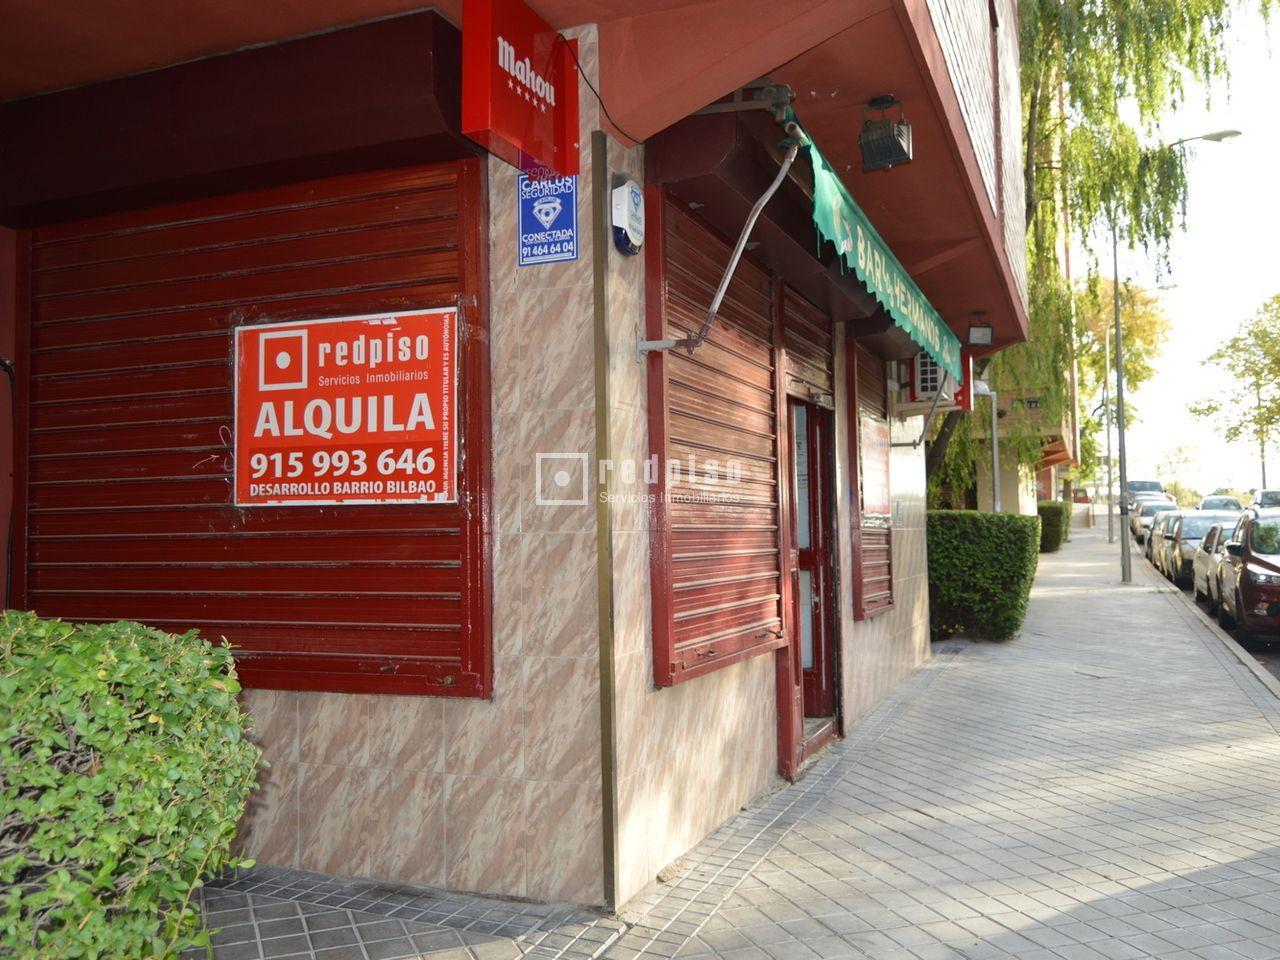 Bar En Alquiler En Calle Paredes De Nava Pueblo Nuevo Ciudad Lineal Madrid Madrid Rp10202075505